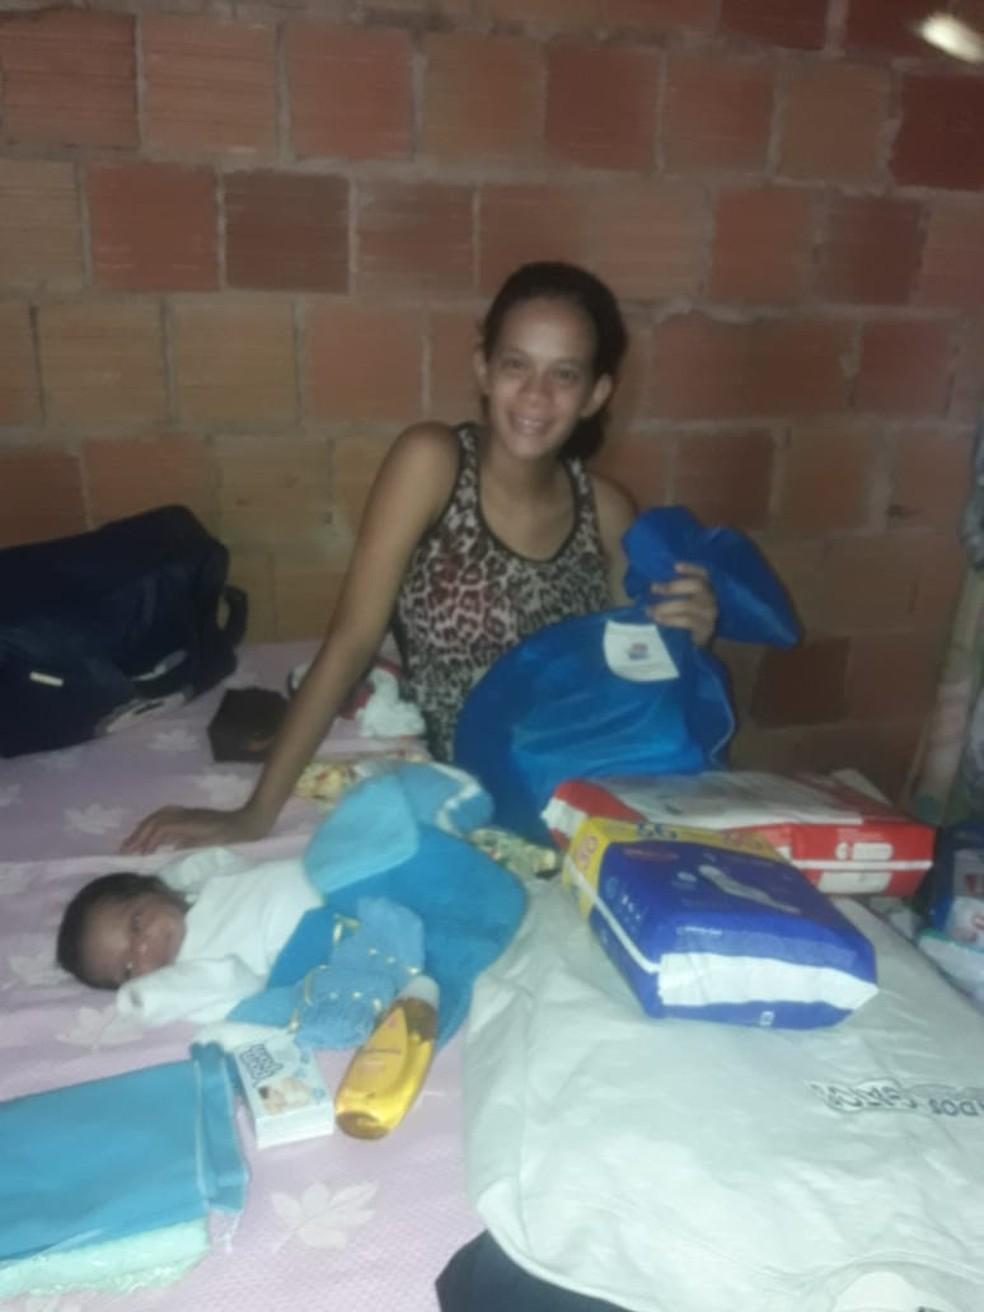 Mãe de bebê que fica em carriola já ganhou doações de roupas, cobertores e fralda — Foto: Redes sociais/Reprodução